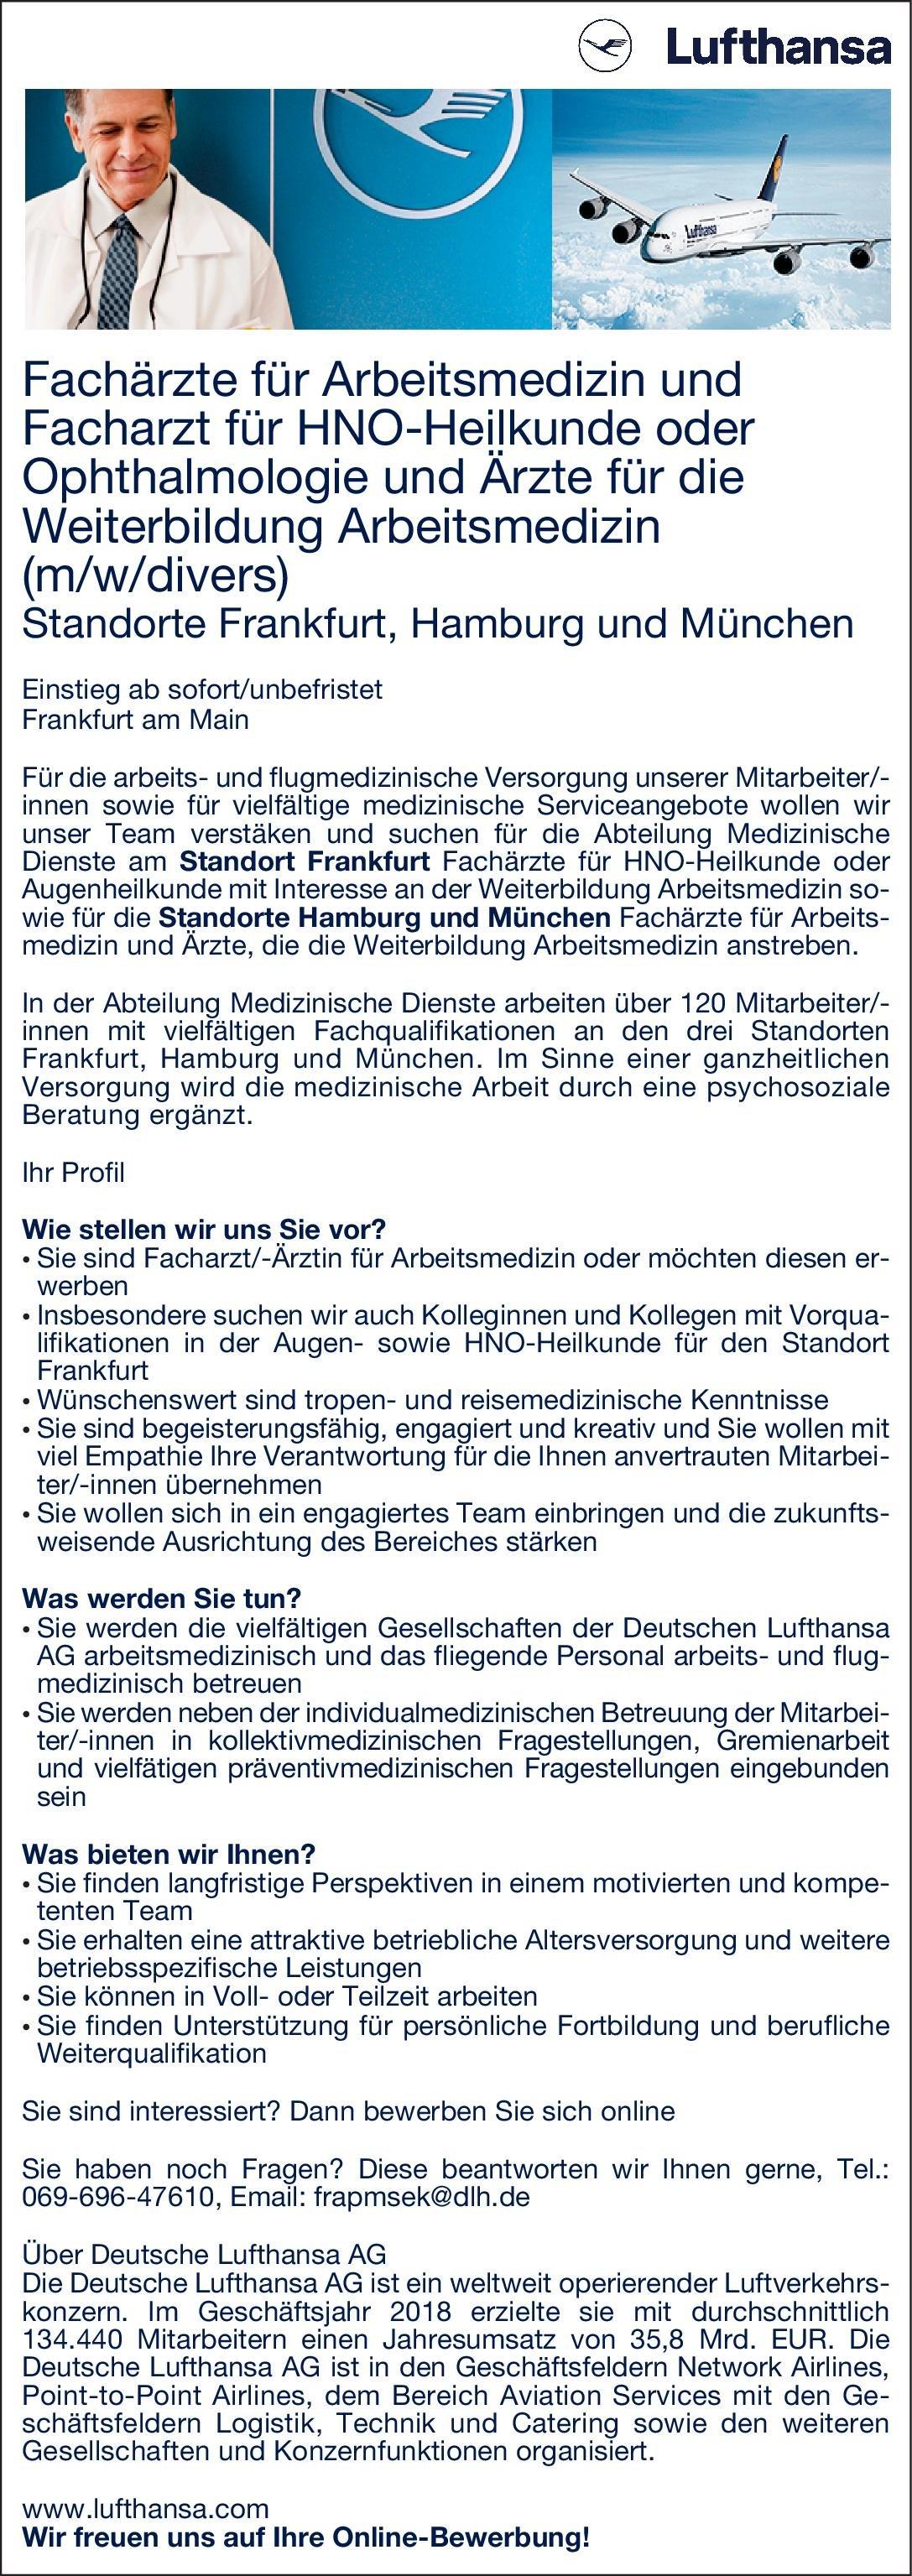 Deutsche Lufthansa AG Fachärzte für Arbeitsmedizin und Facharzt für HNO-Heilkunde oder Ophthalmologie und Ärzte für die Weiterbildung Arbeitsmedizin (m/w/divers)  Hals-Nasen-Ohrenheilkunde, Arbeitsmedizin, Augenheilkunde Arzt / Facharzt, Assistenzarzt / Arzt in Weiterbildung